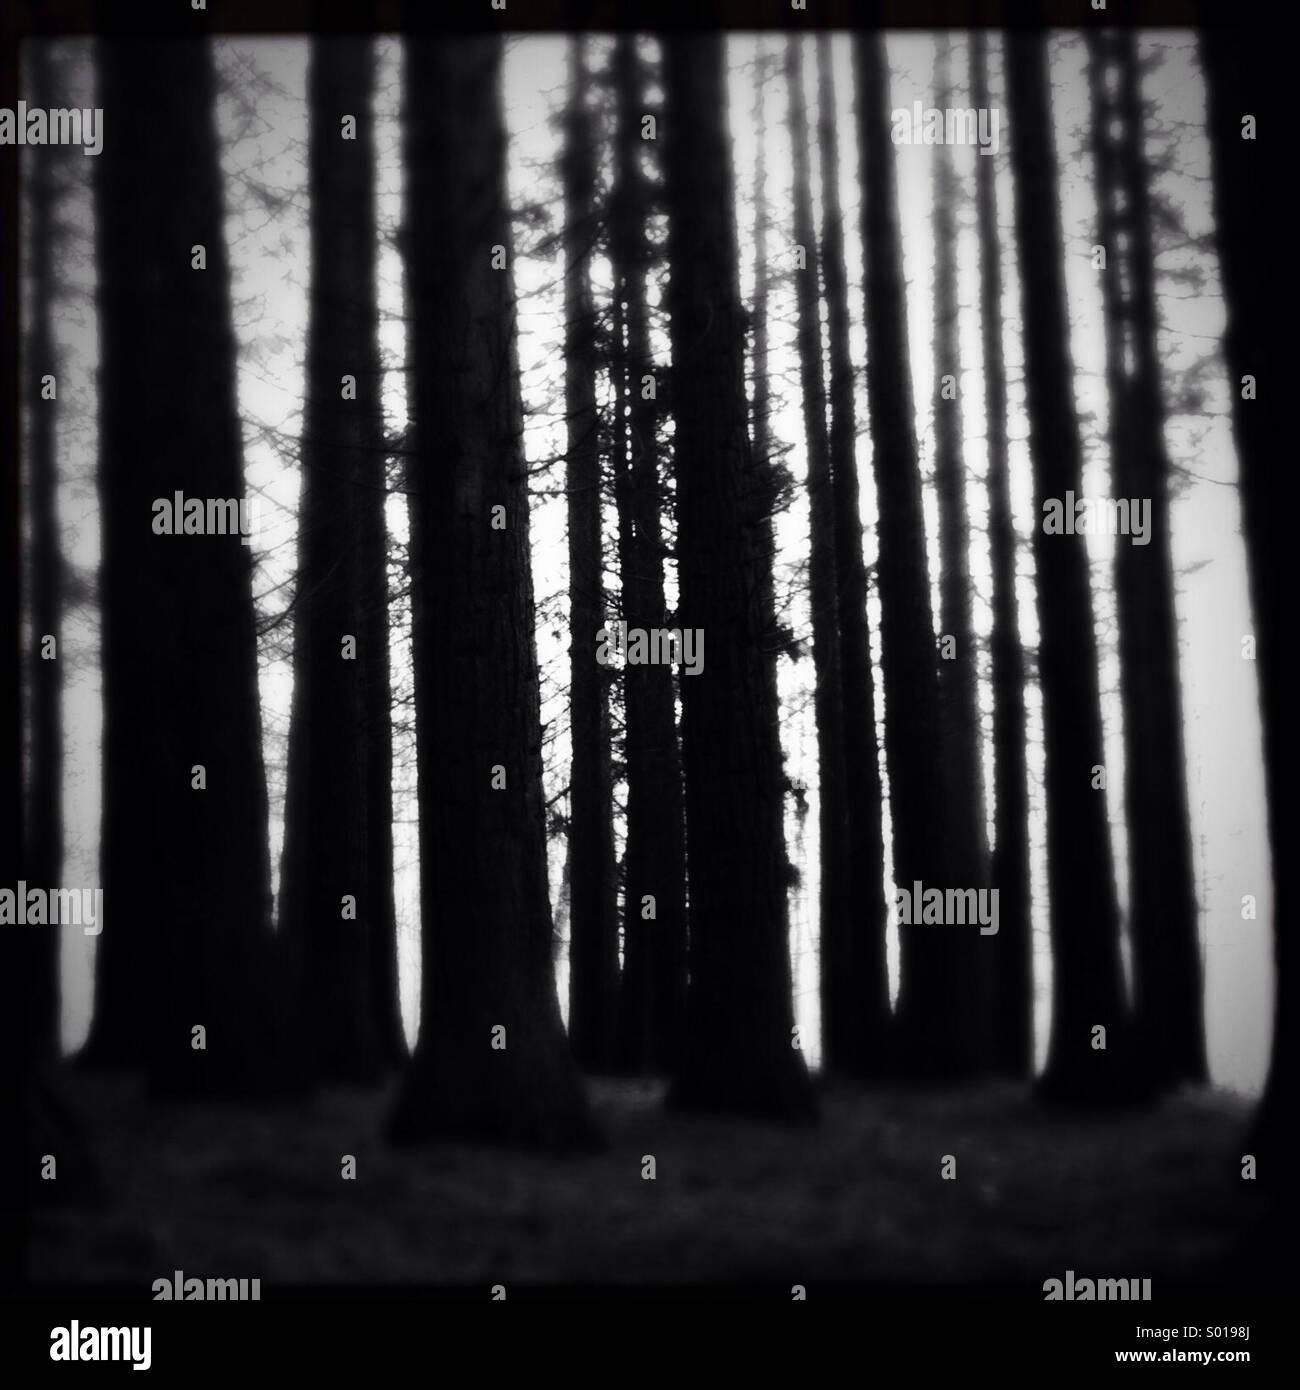 Muy oscuras, troncos de árboles en un bosque de coníferas. Foto de stock